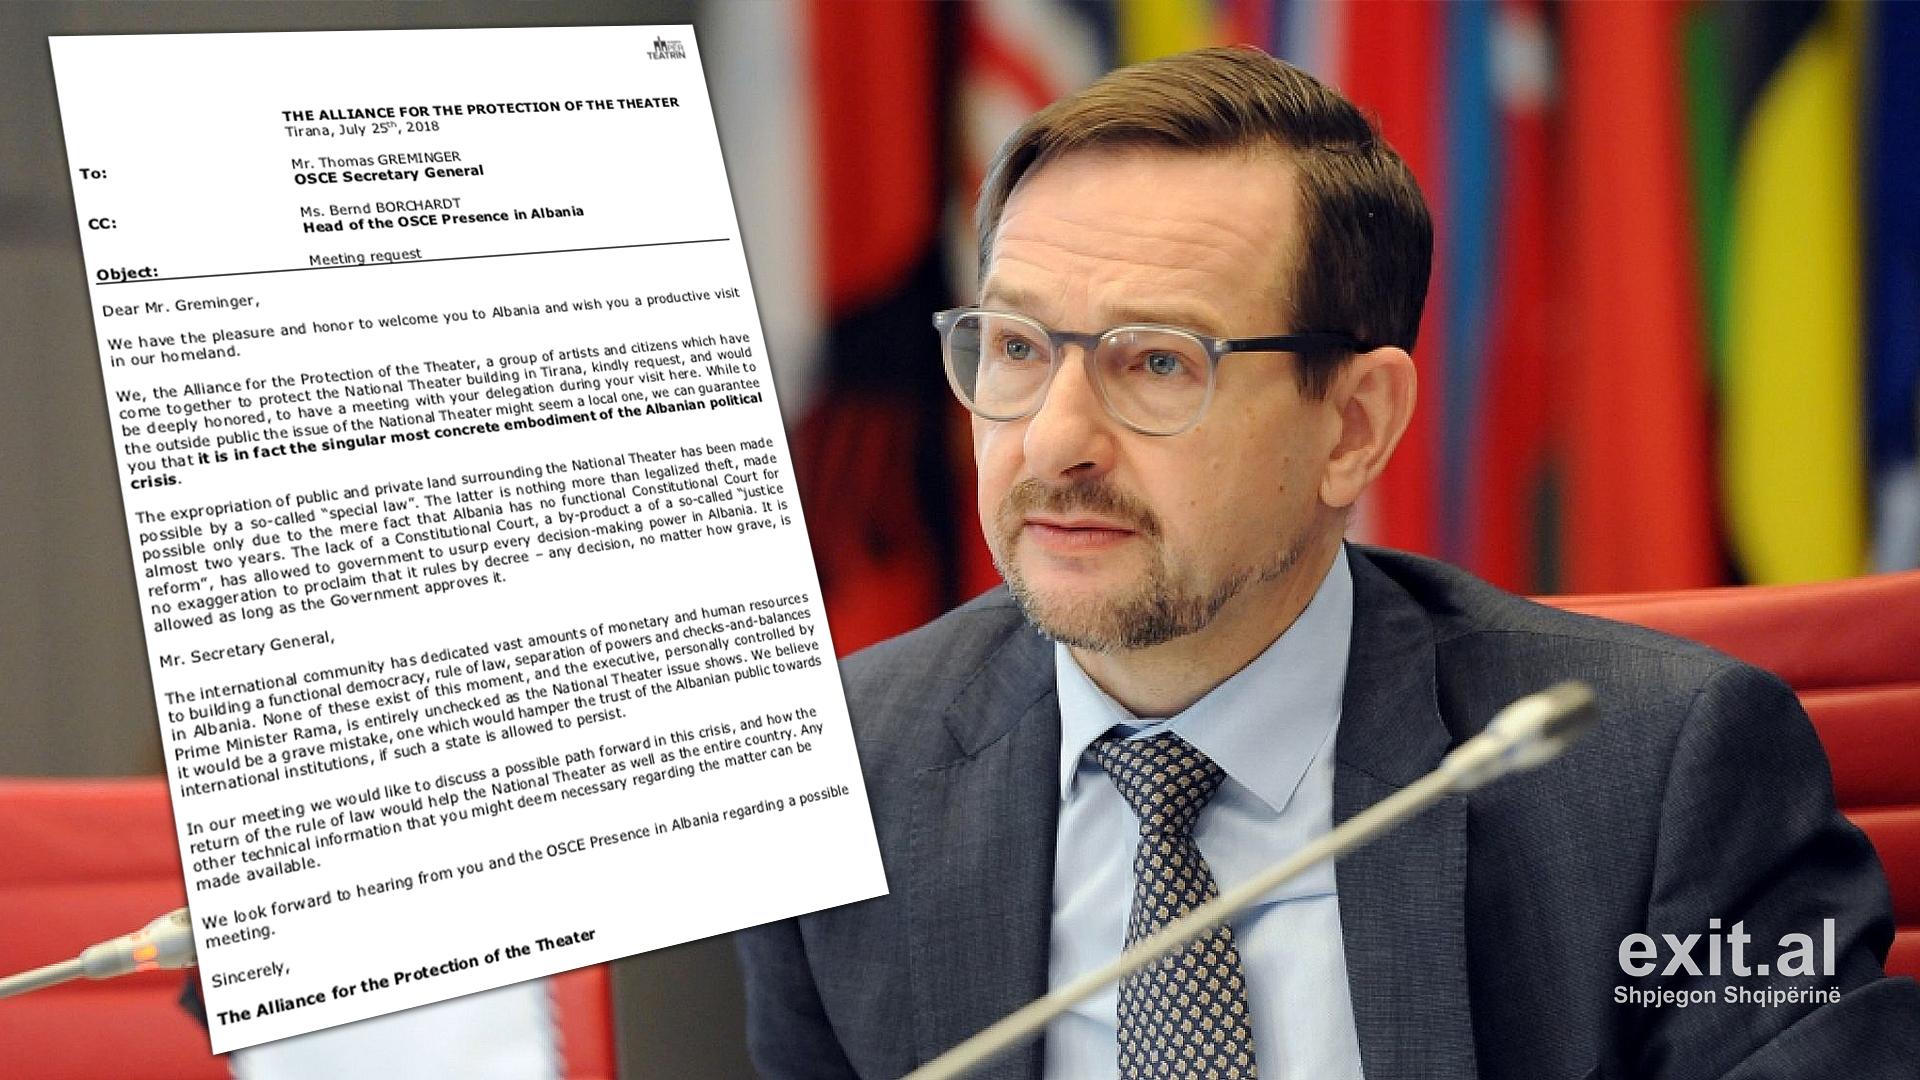 Sekretari i Përgjithshëm i OSBE-së: të ndalet projekti i teatrit deri sa të vendosë Gjykata Kushtetuese